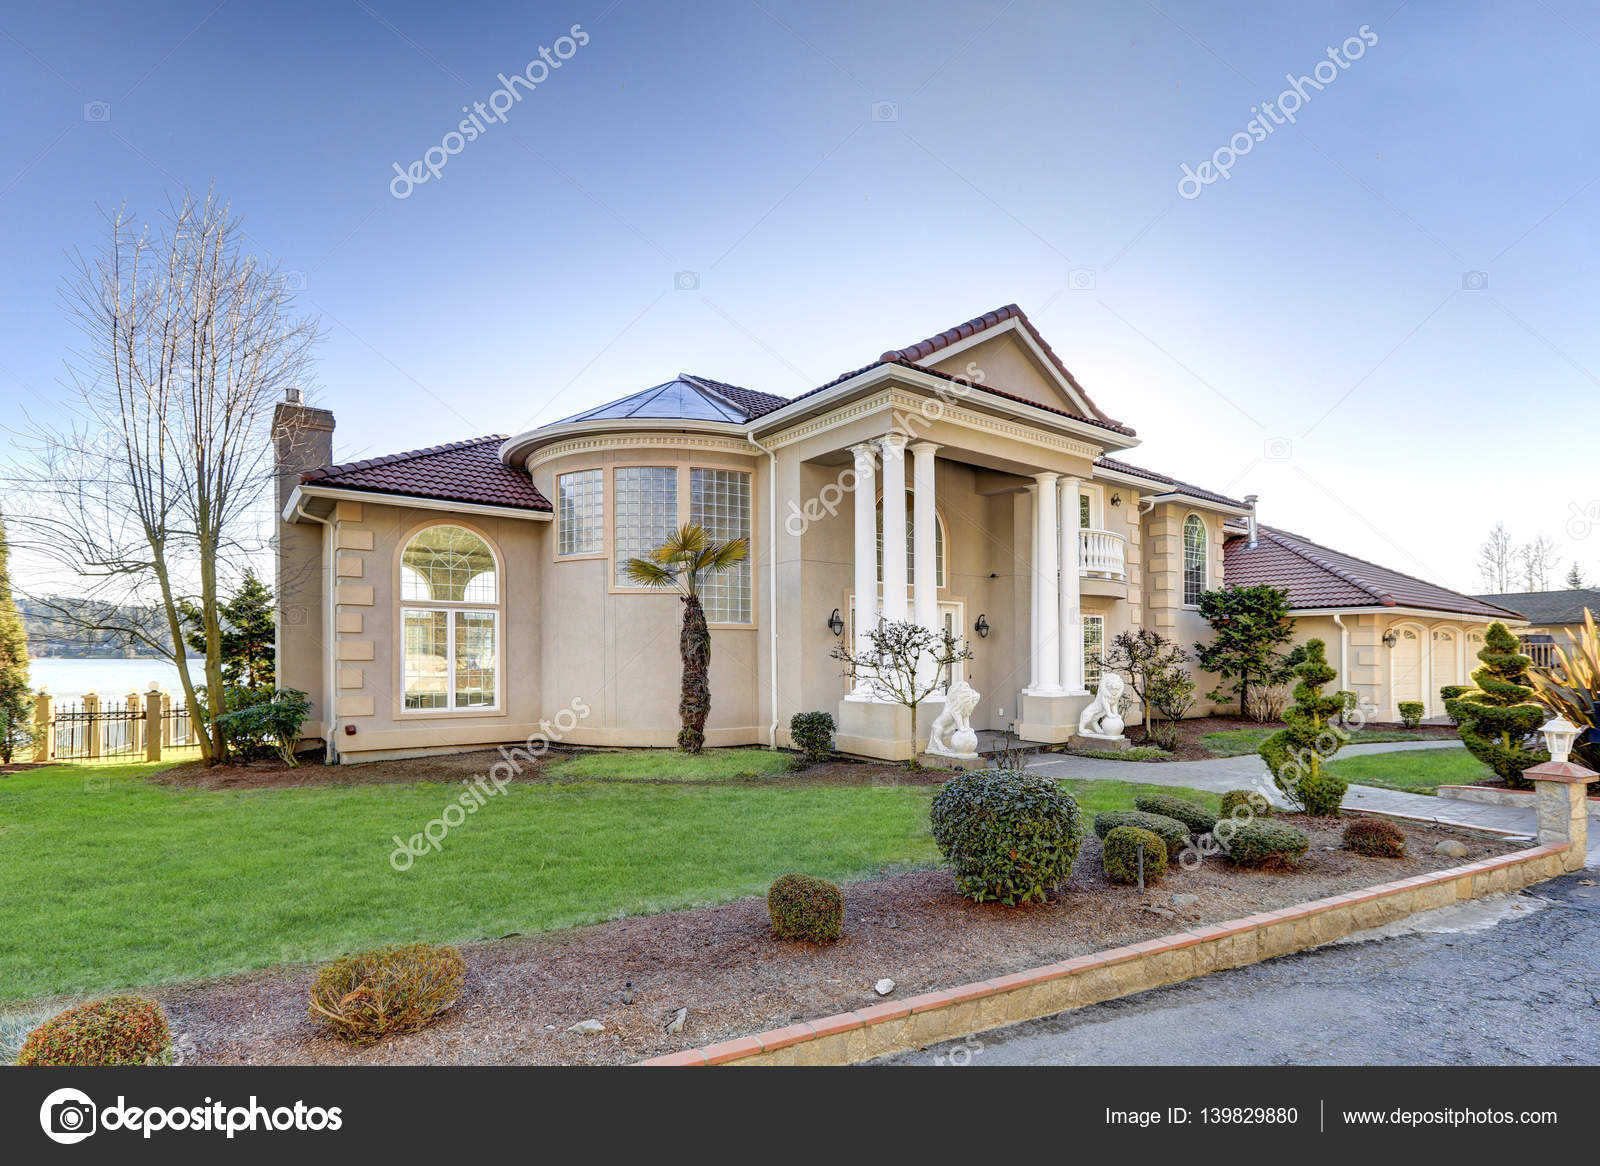 casa con paredes de estuco y columnas porche frente al mar mediterrneo u foto de stock